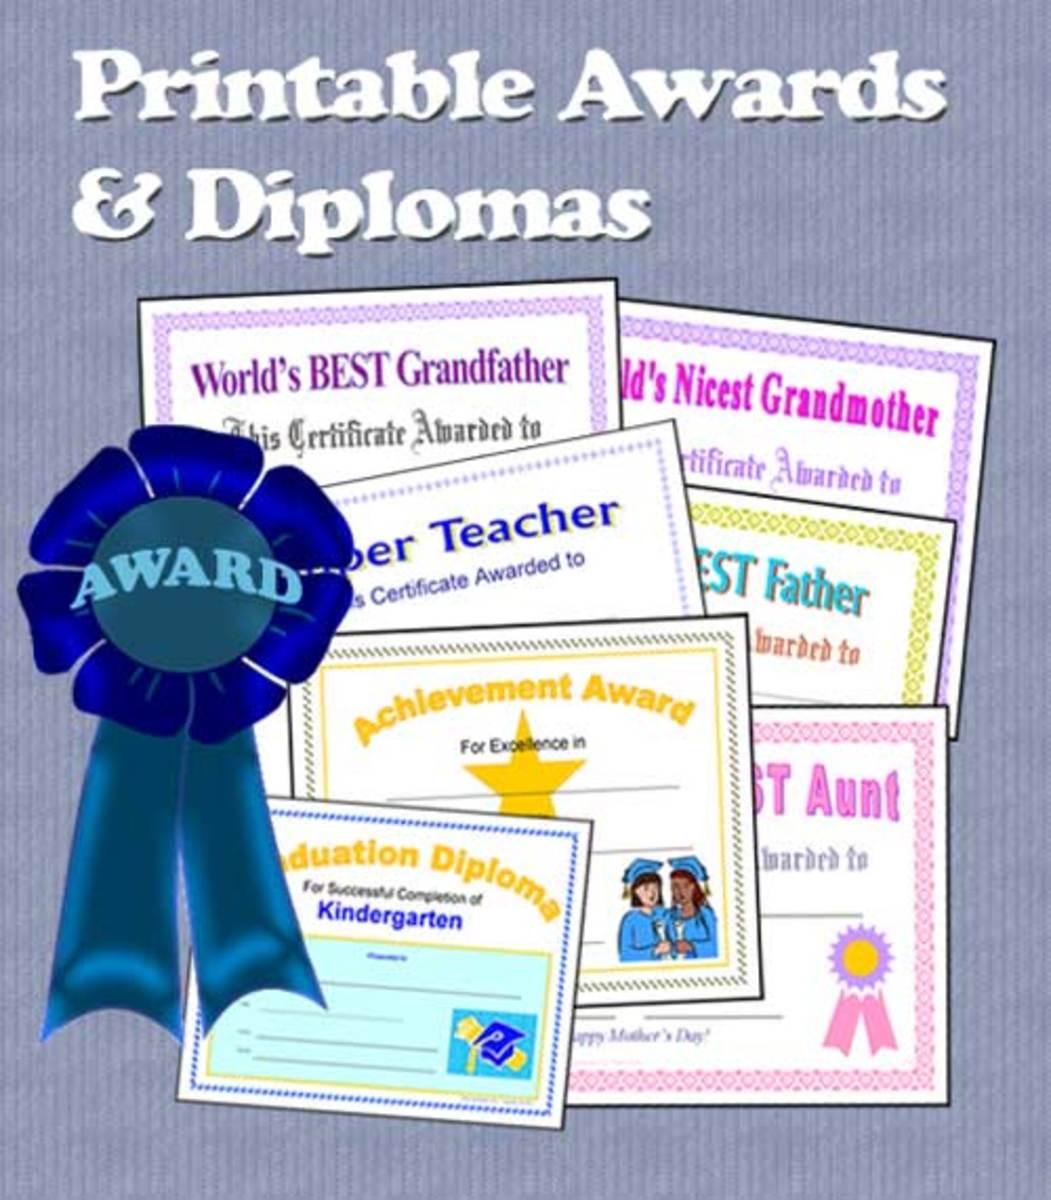 awardcertificates